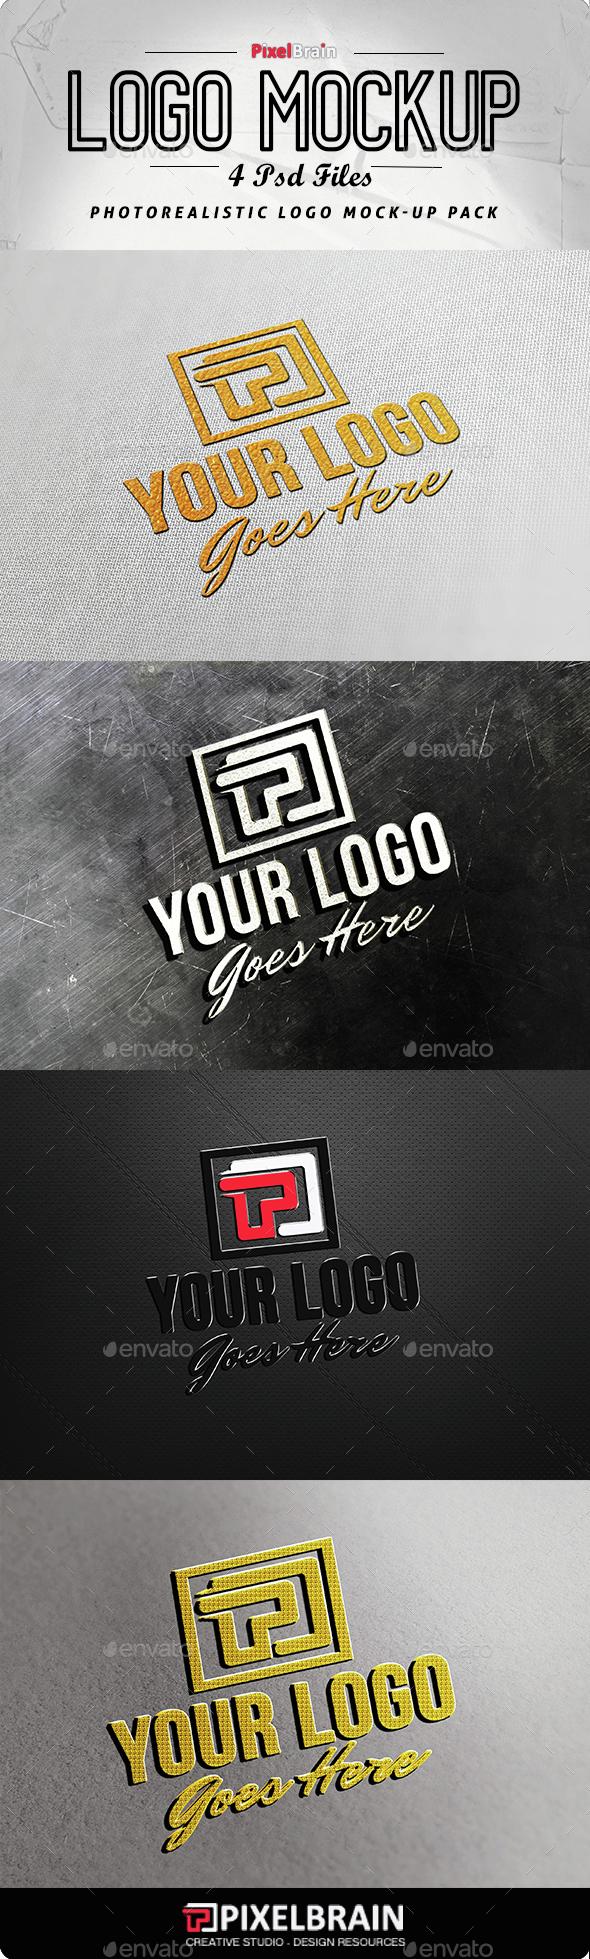 Photorealistic Logo Mockup Pack - Logo Product Mock-Ups